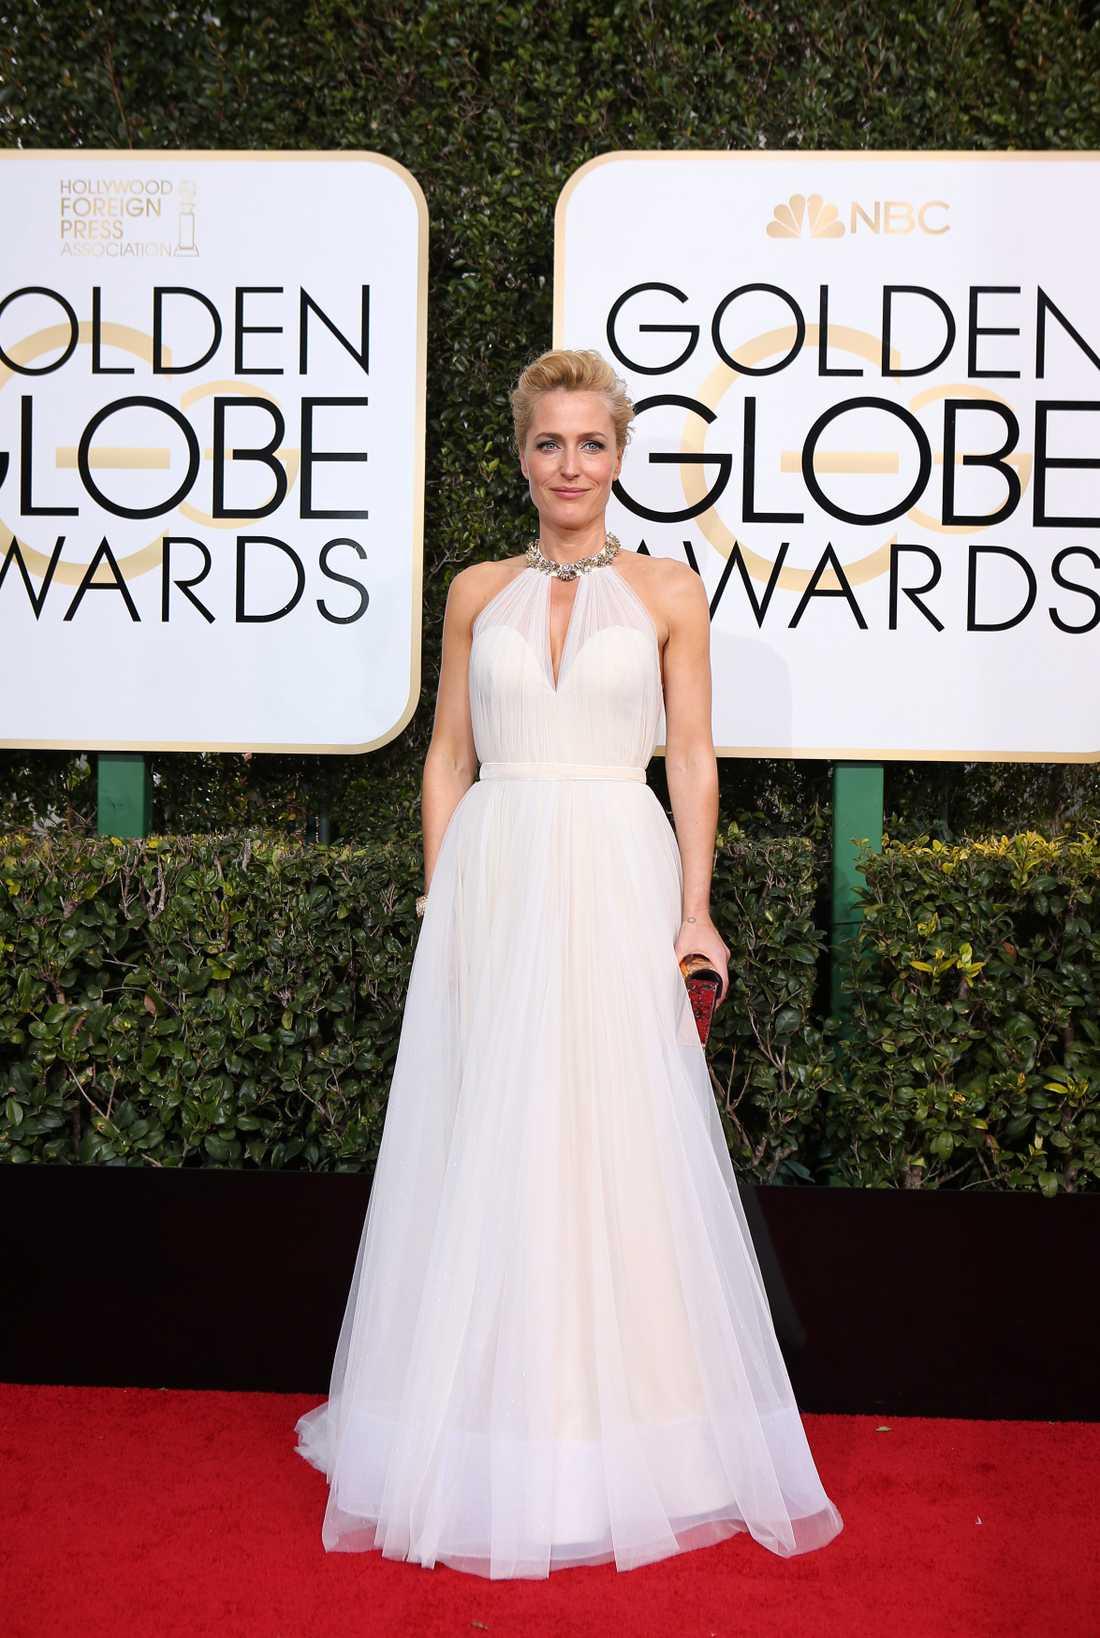 Gillian Anderson. Den här klänningen ser ut som exakt en sån klänning som man drömmer om sen barnsben att en gång få bära. Nej, jag menar inte brudklänning, utan bara en äkta, vacker sagoklänning. En klänning utan krusiduller och extravaganser, bara sådär Disney-fin liksom. Gillian verkar inte helt missnöjd heller.  4 plus